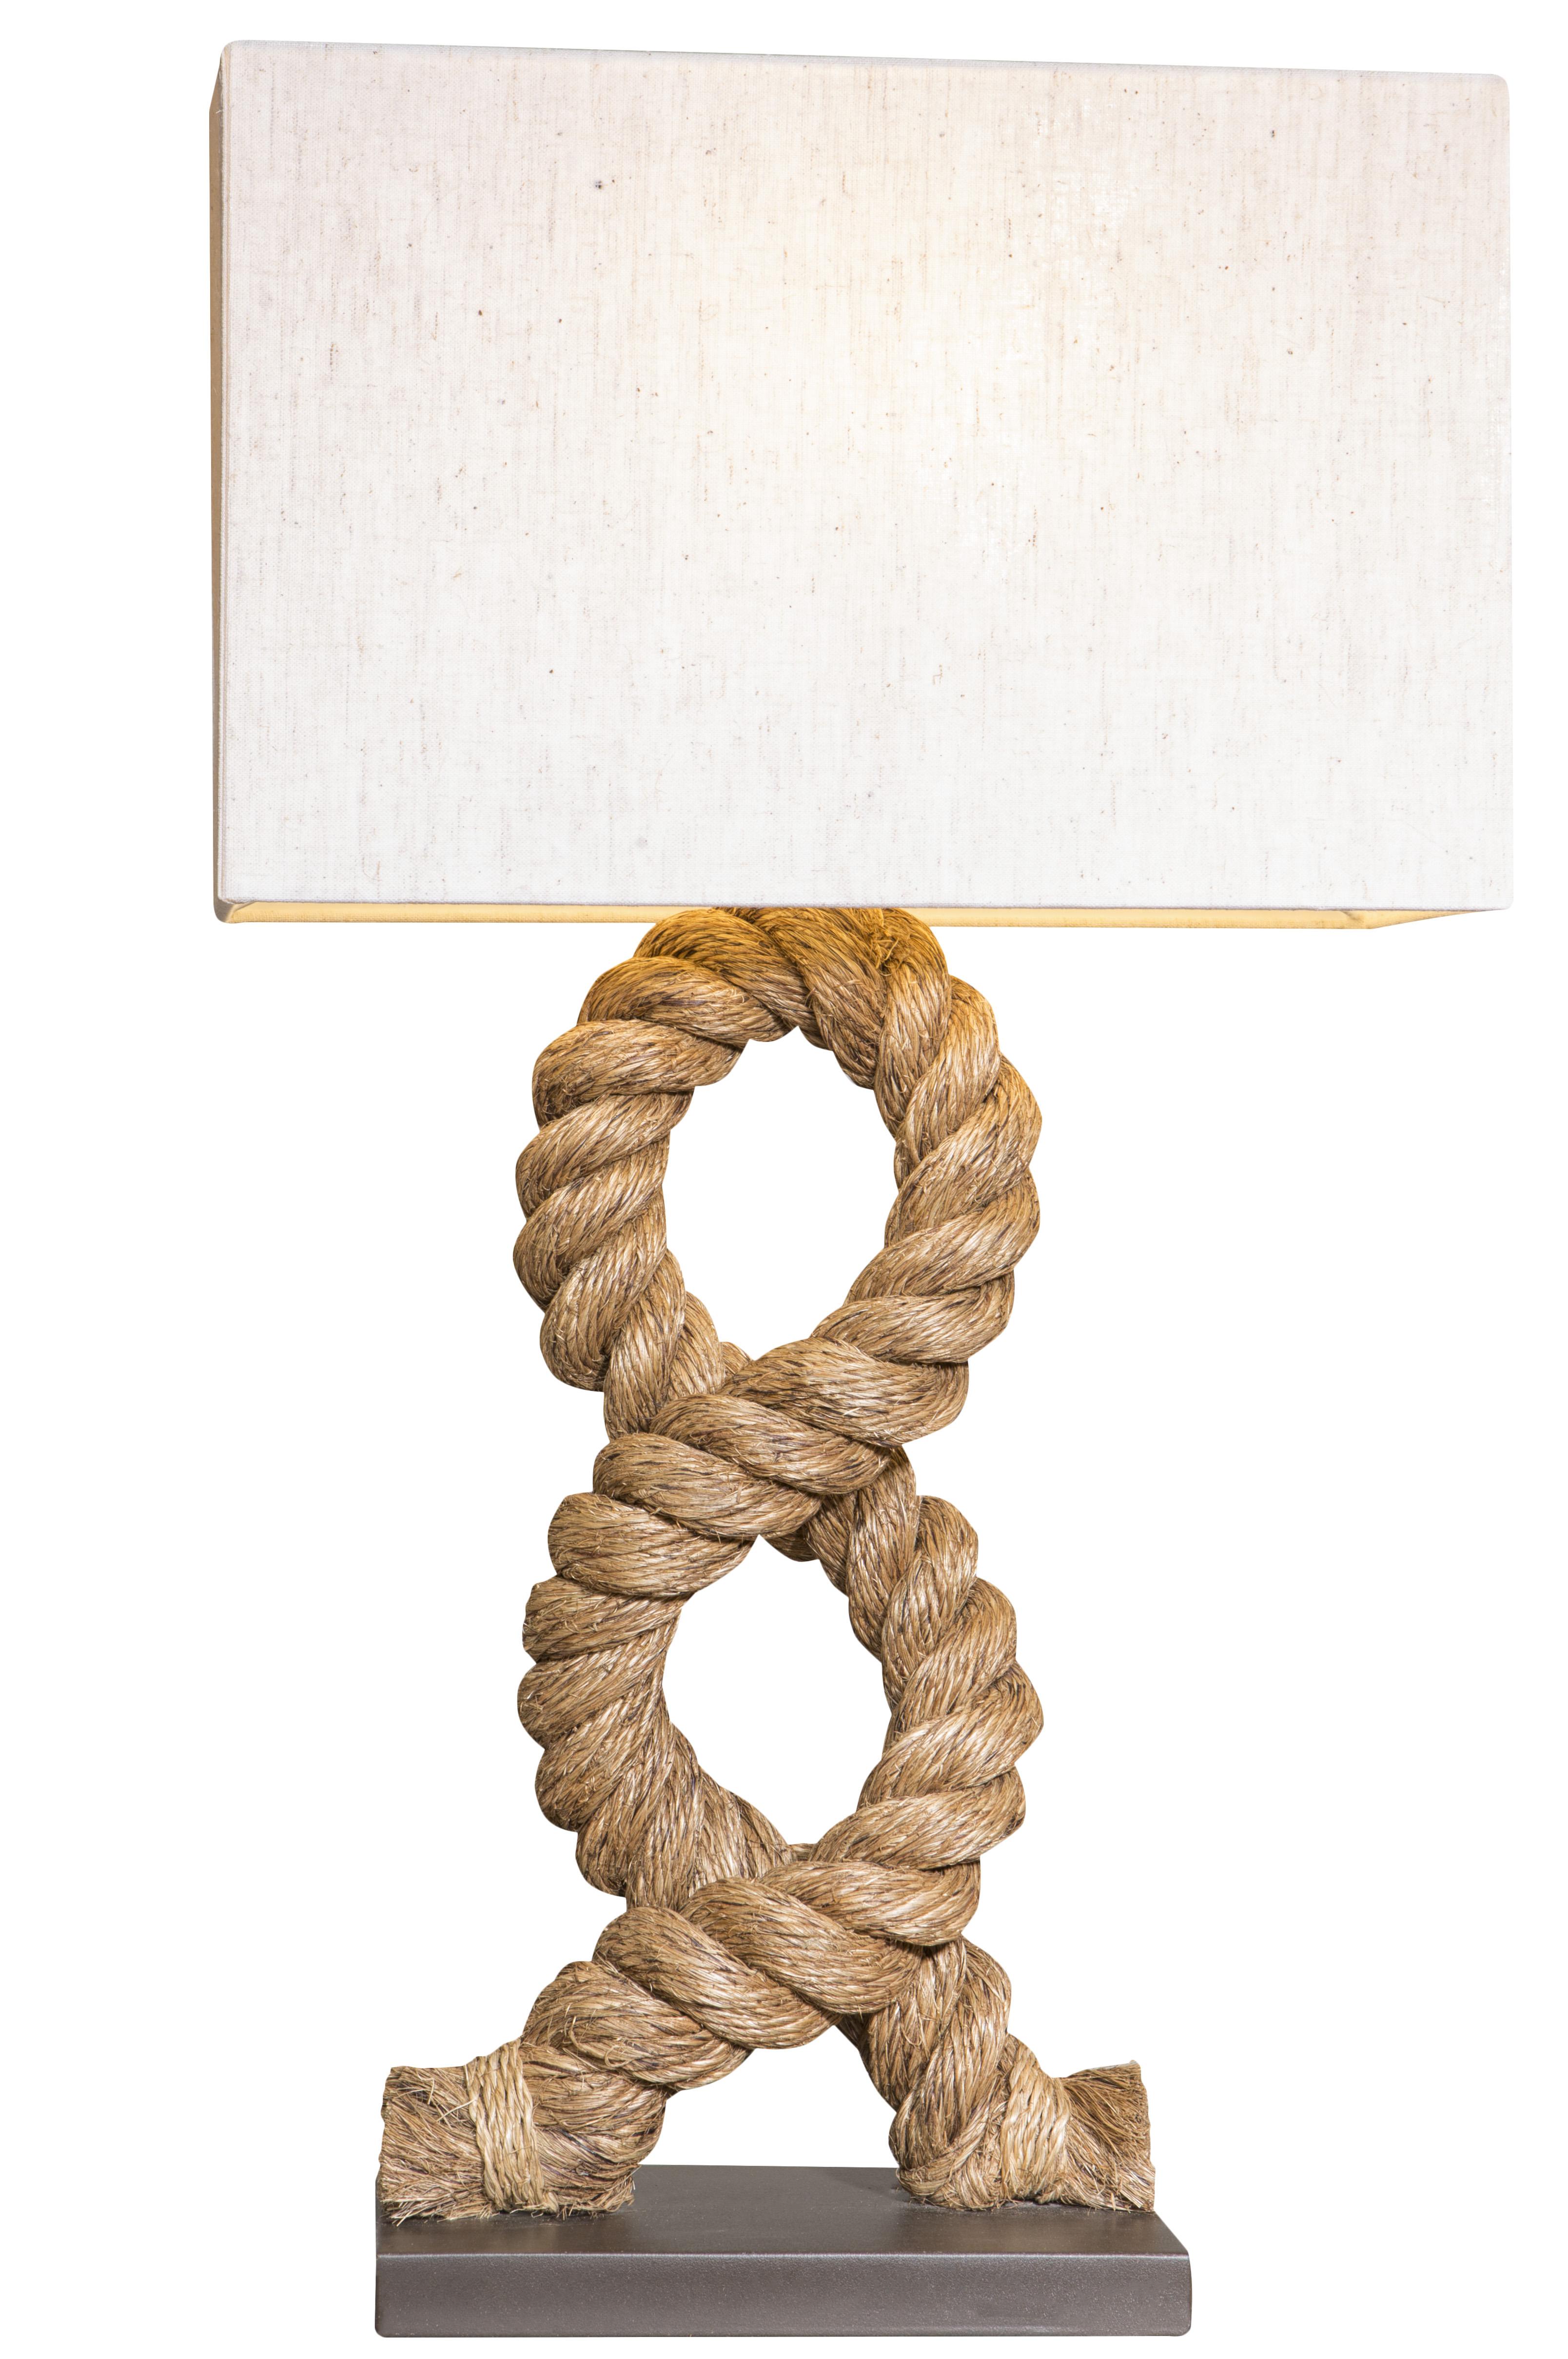 Taulampen jetzt bestellen ab 80 versandkostenfrei mare me maritime dekoration geschenke - Holzpaddel deko ...